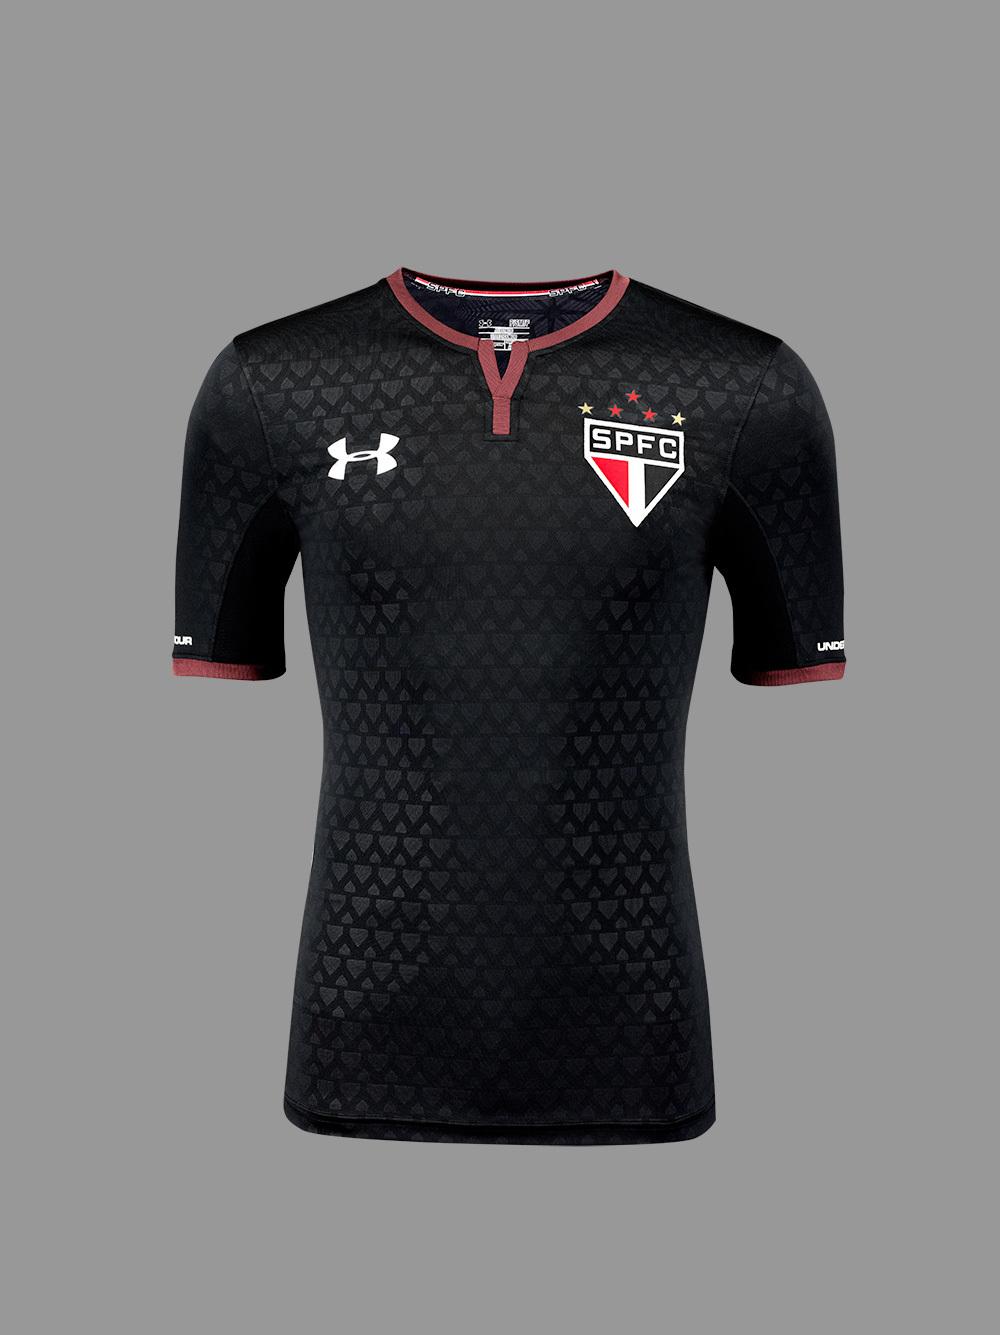 fe2e1e5132 A venda da camisa já está aberta no underarmour.com.br com entregas para  todo o Brasil. A peça também estará à venda nas lojas da marca a partir  desta ...